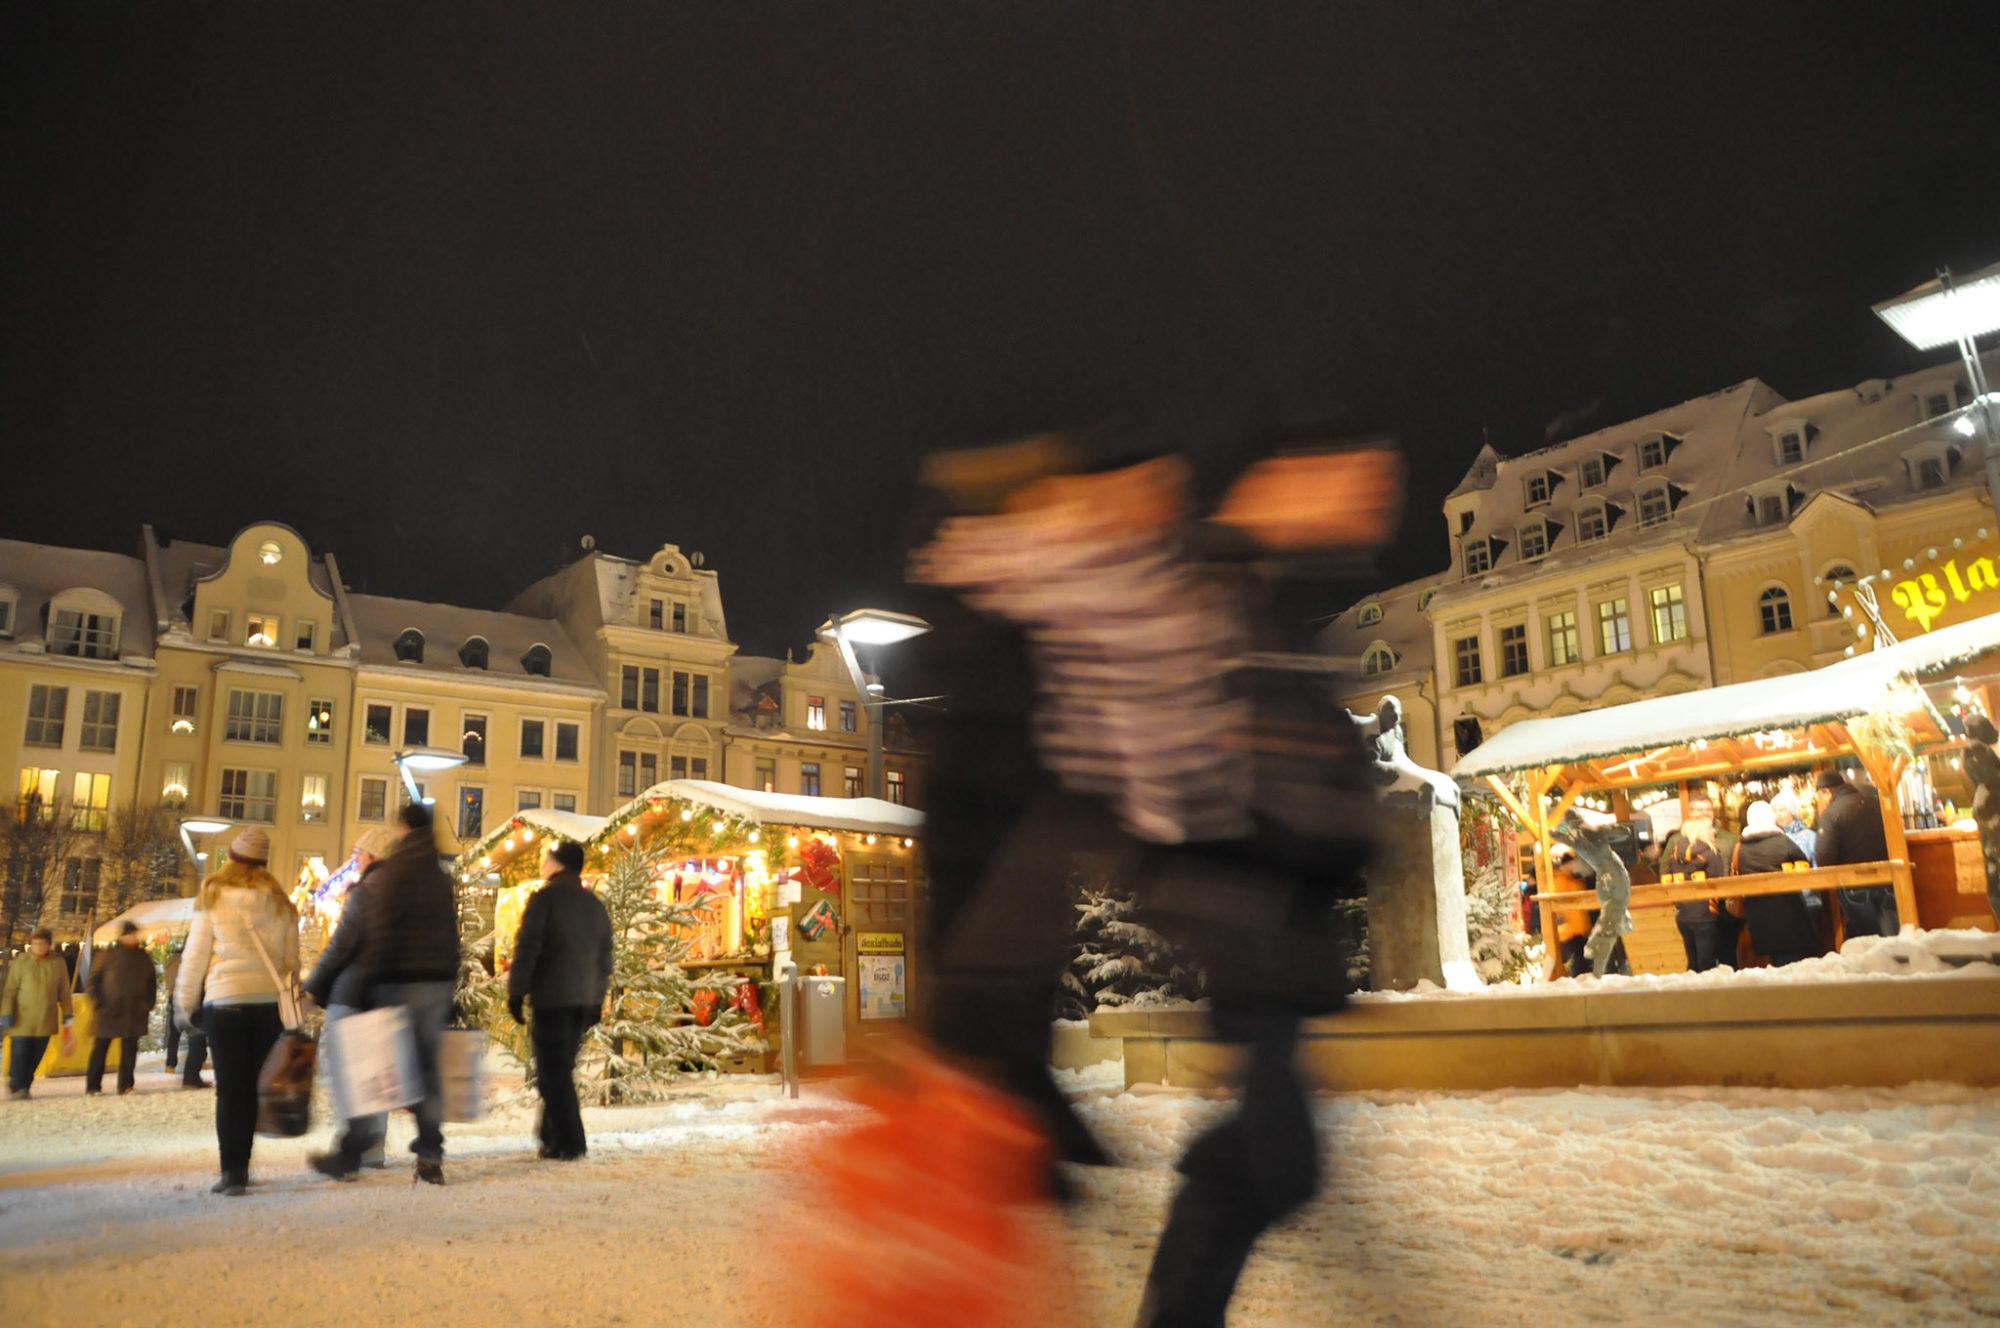 Mit Liebe geschmückte Verkaufsbuden zaubern weihnachtliches Flair in die Spitzenstadt.